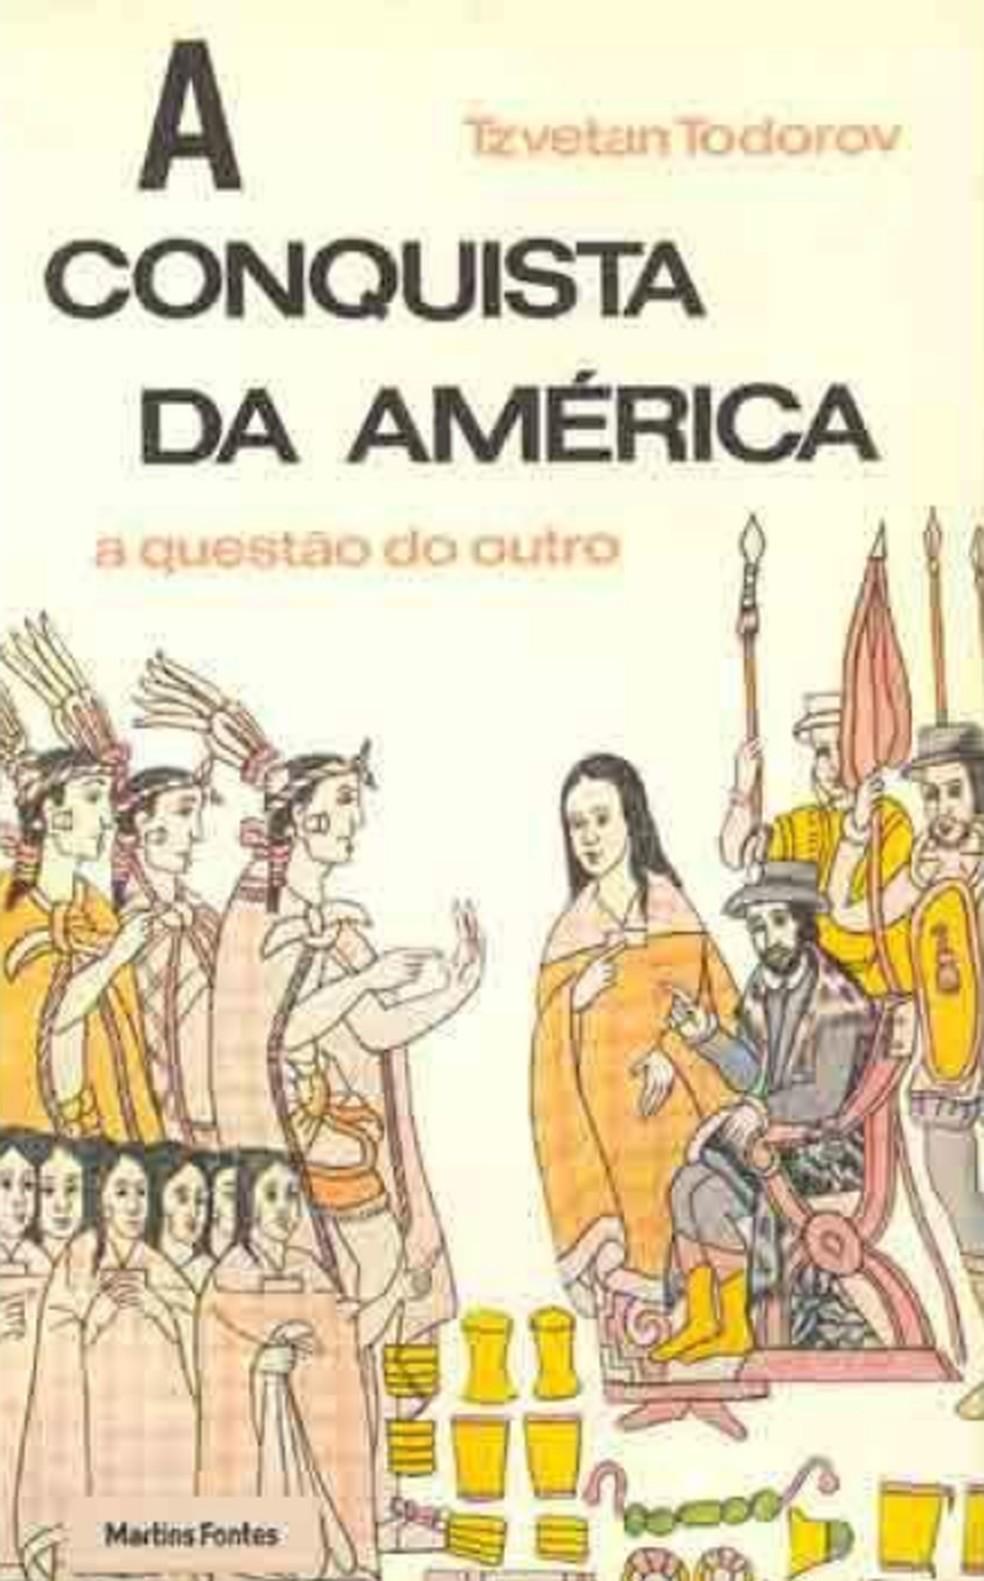 'A conquista da América - a questão do outro', obra do filósofo russo Tzvetan Todorov — Foto: Reprodução